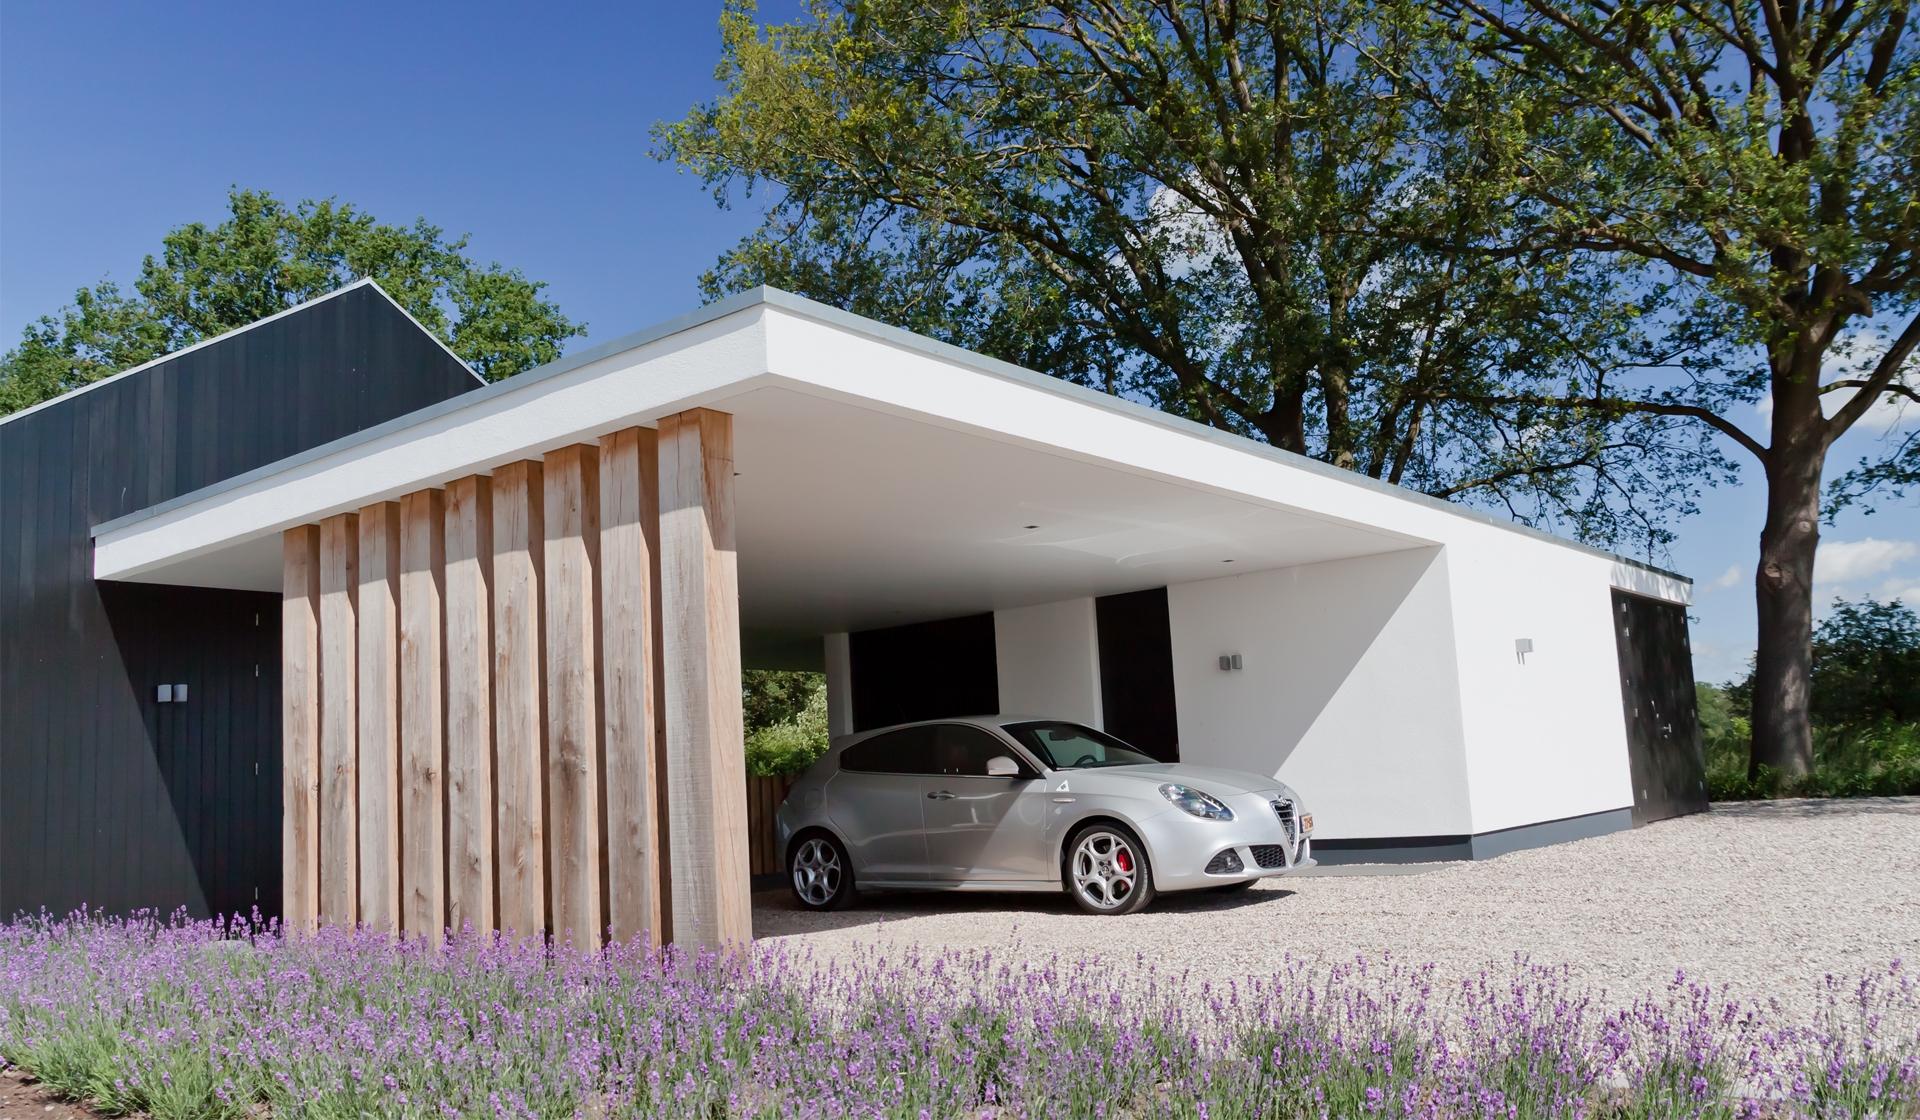 Optimale abstractie tussen woonhuis en carport met garage